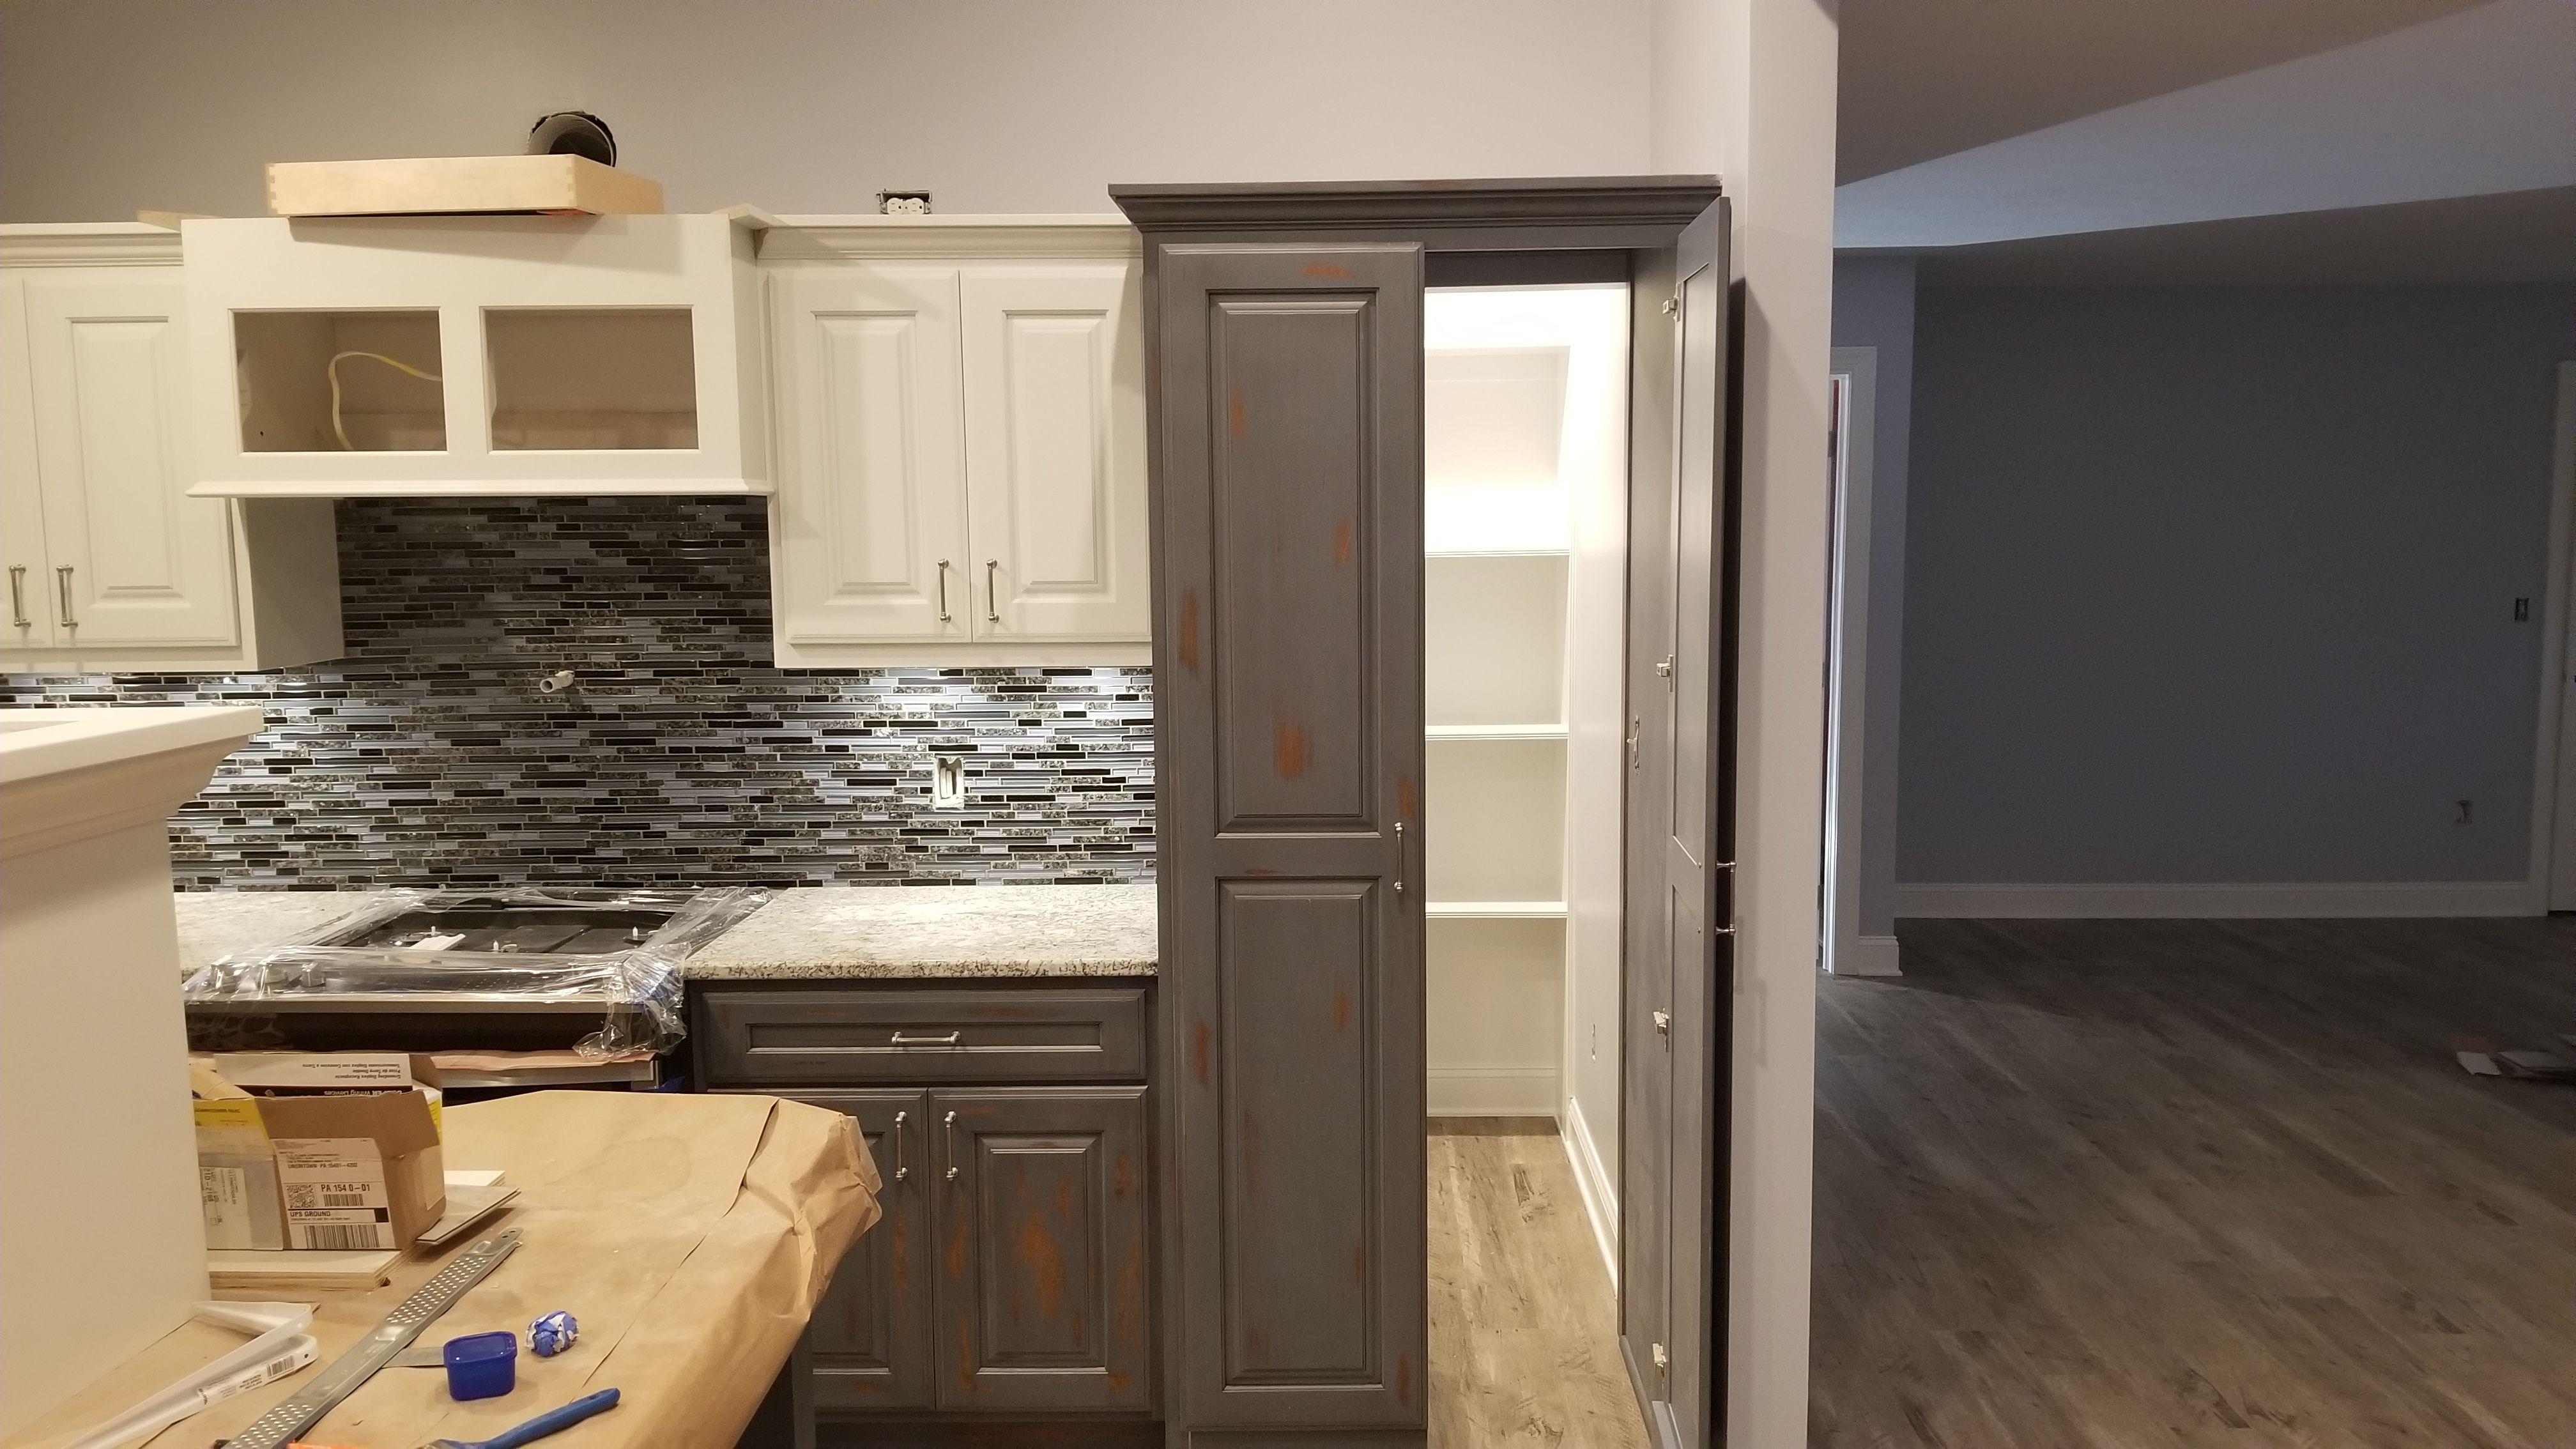 Pantry through cabinet doors | Cabinet doors, Kitchen ...